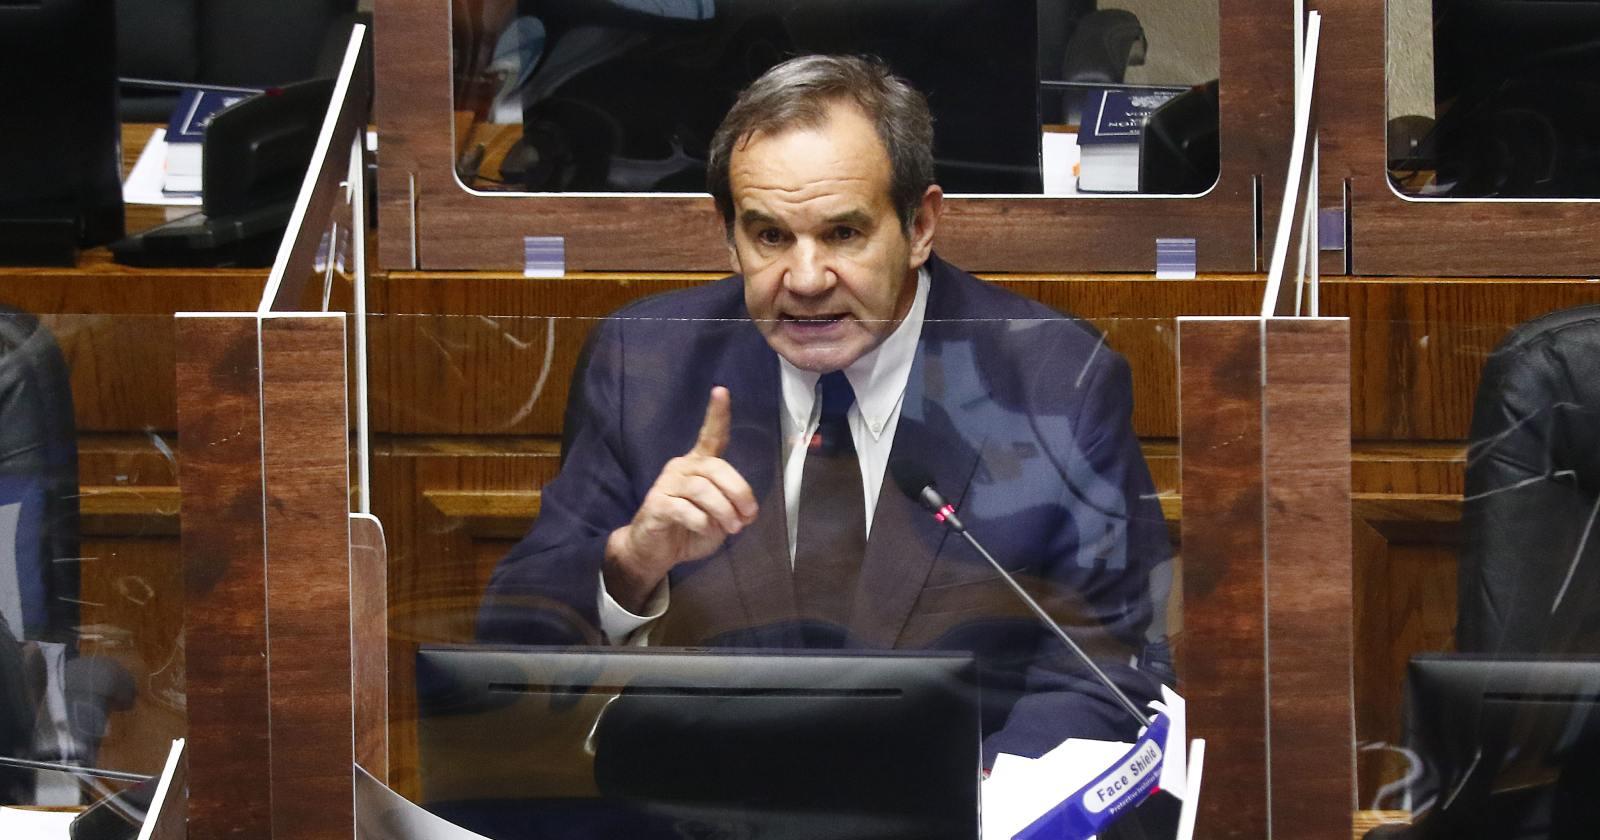 Los dardos de Andrés Allamand a Desbordes y Lavín en votación en el Senado